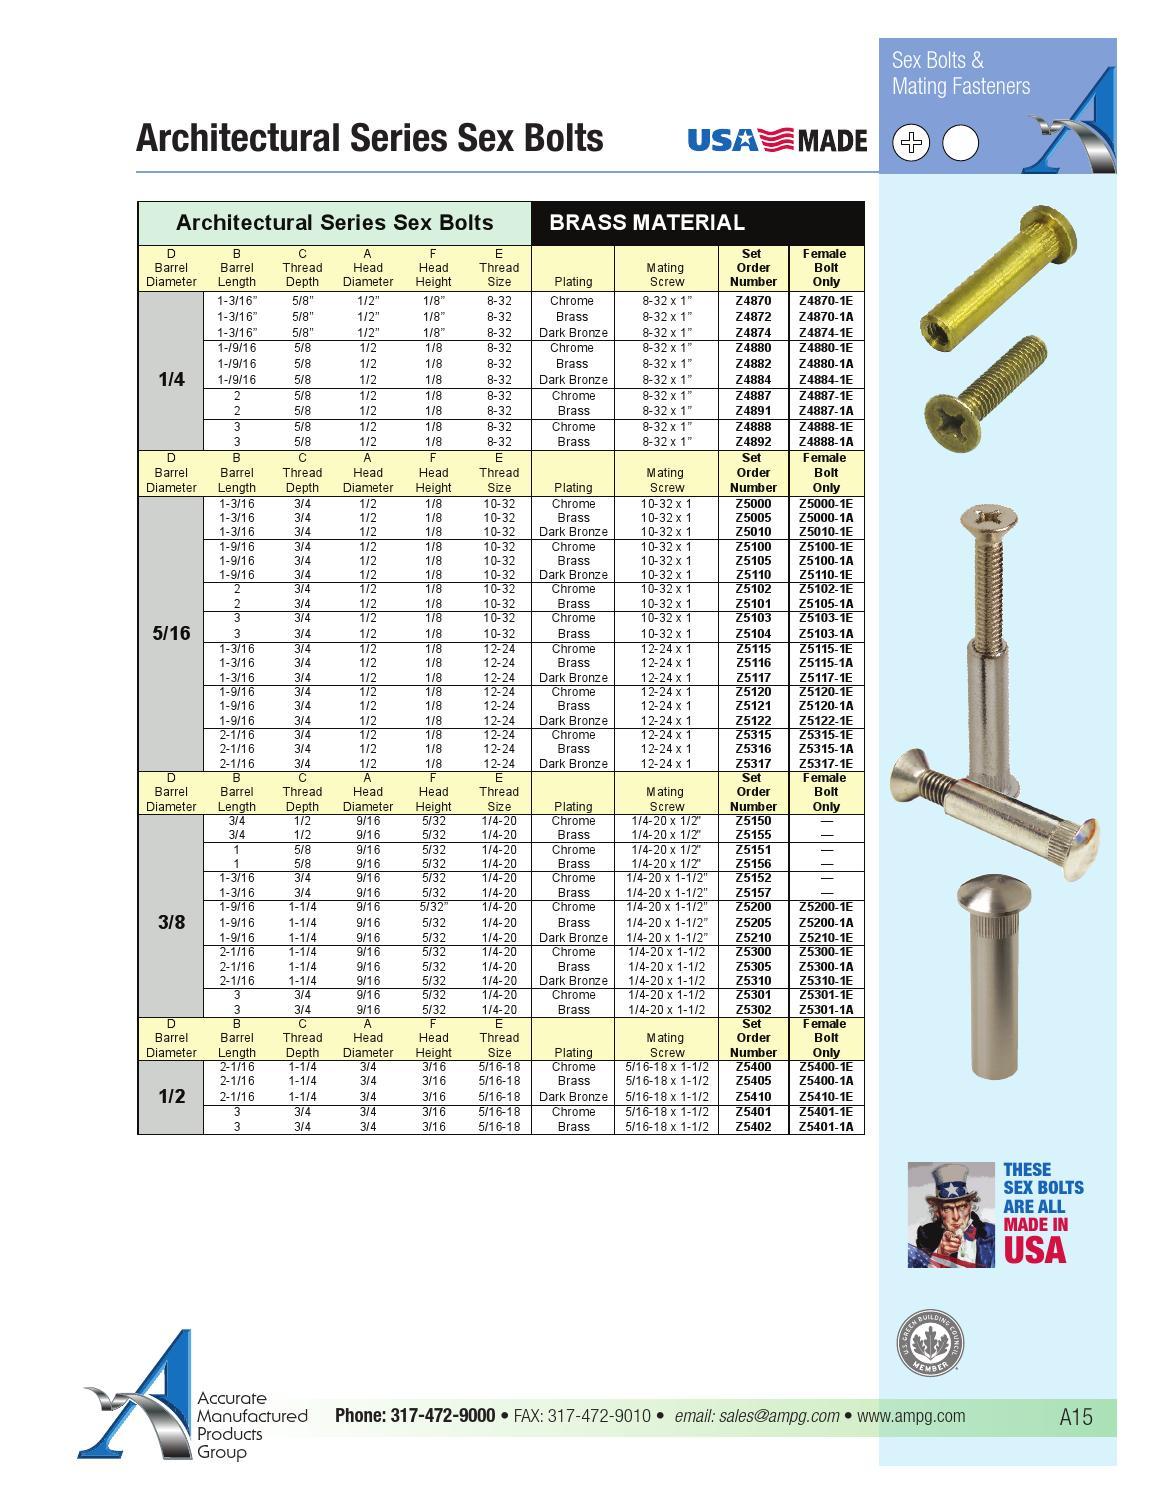 Brass Chrome Ampg Z5157-1E Brass Chrome Barrel Bolt